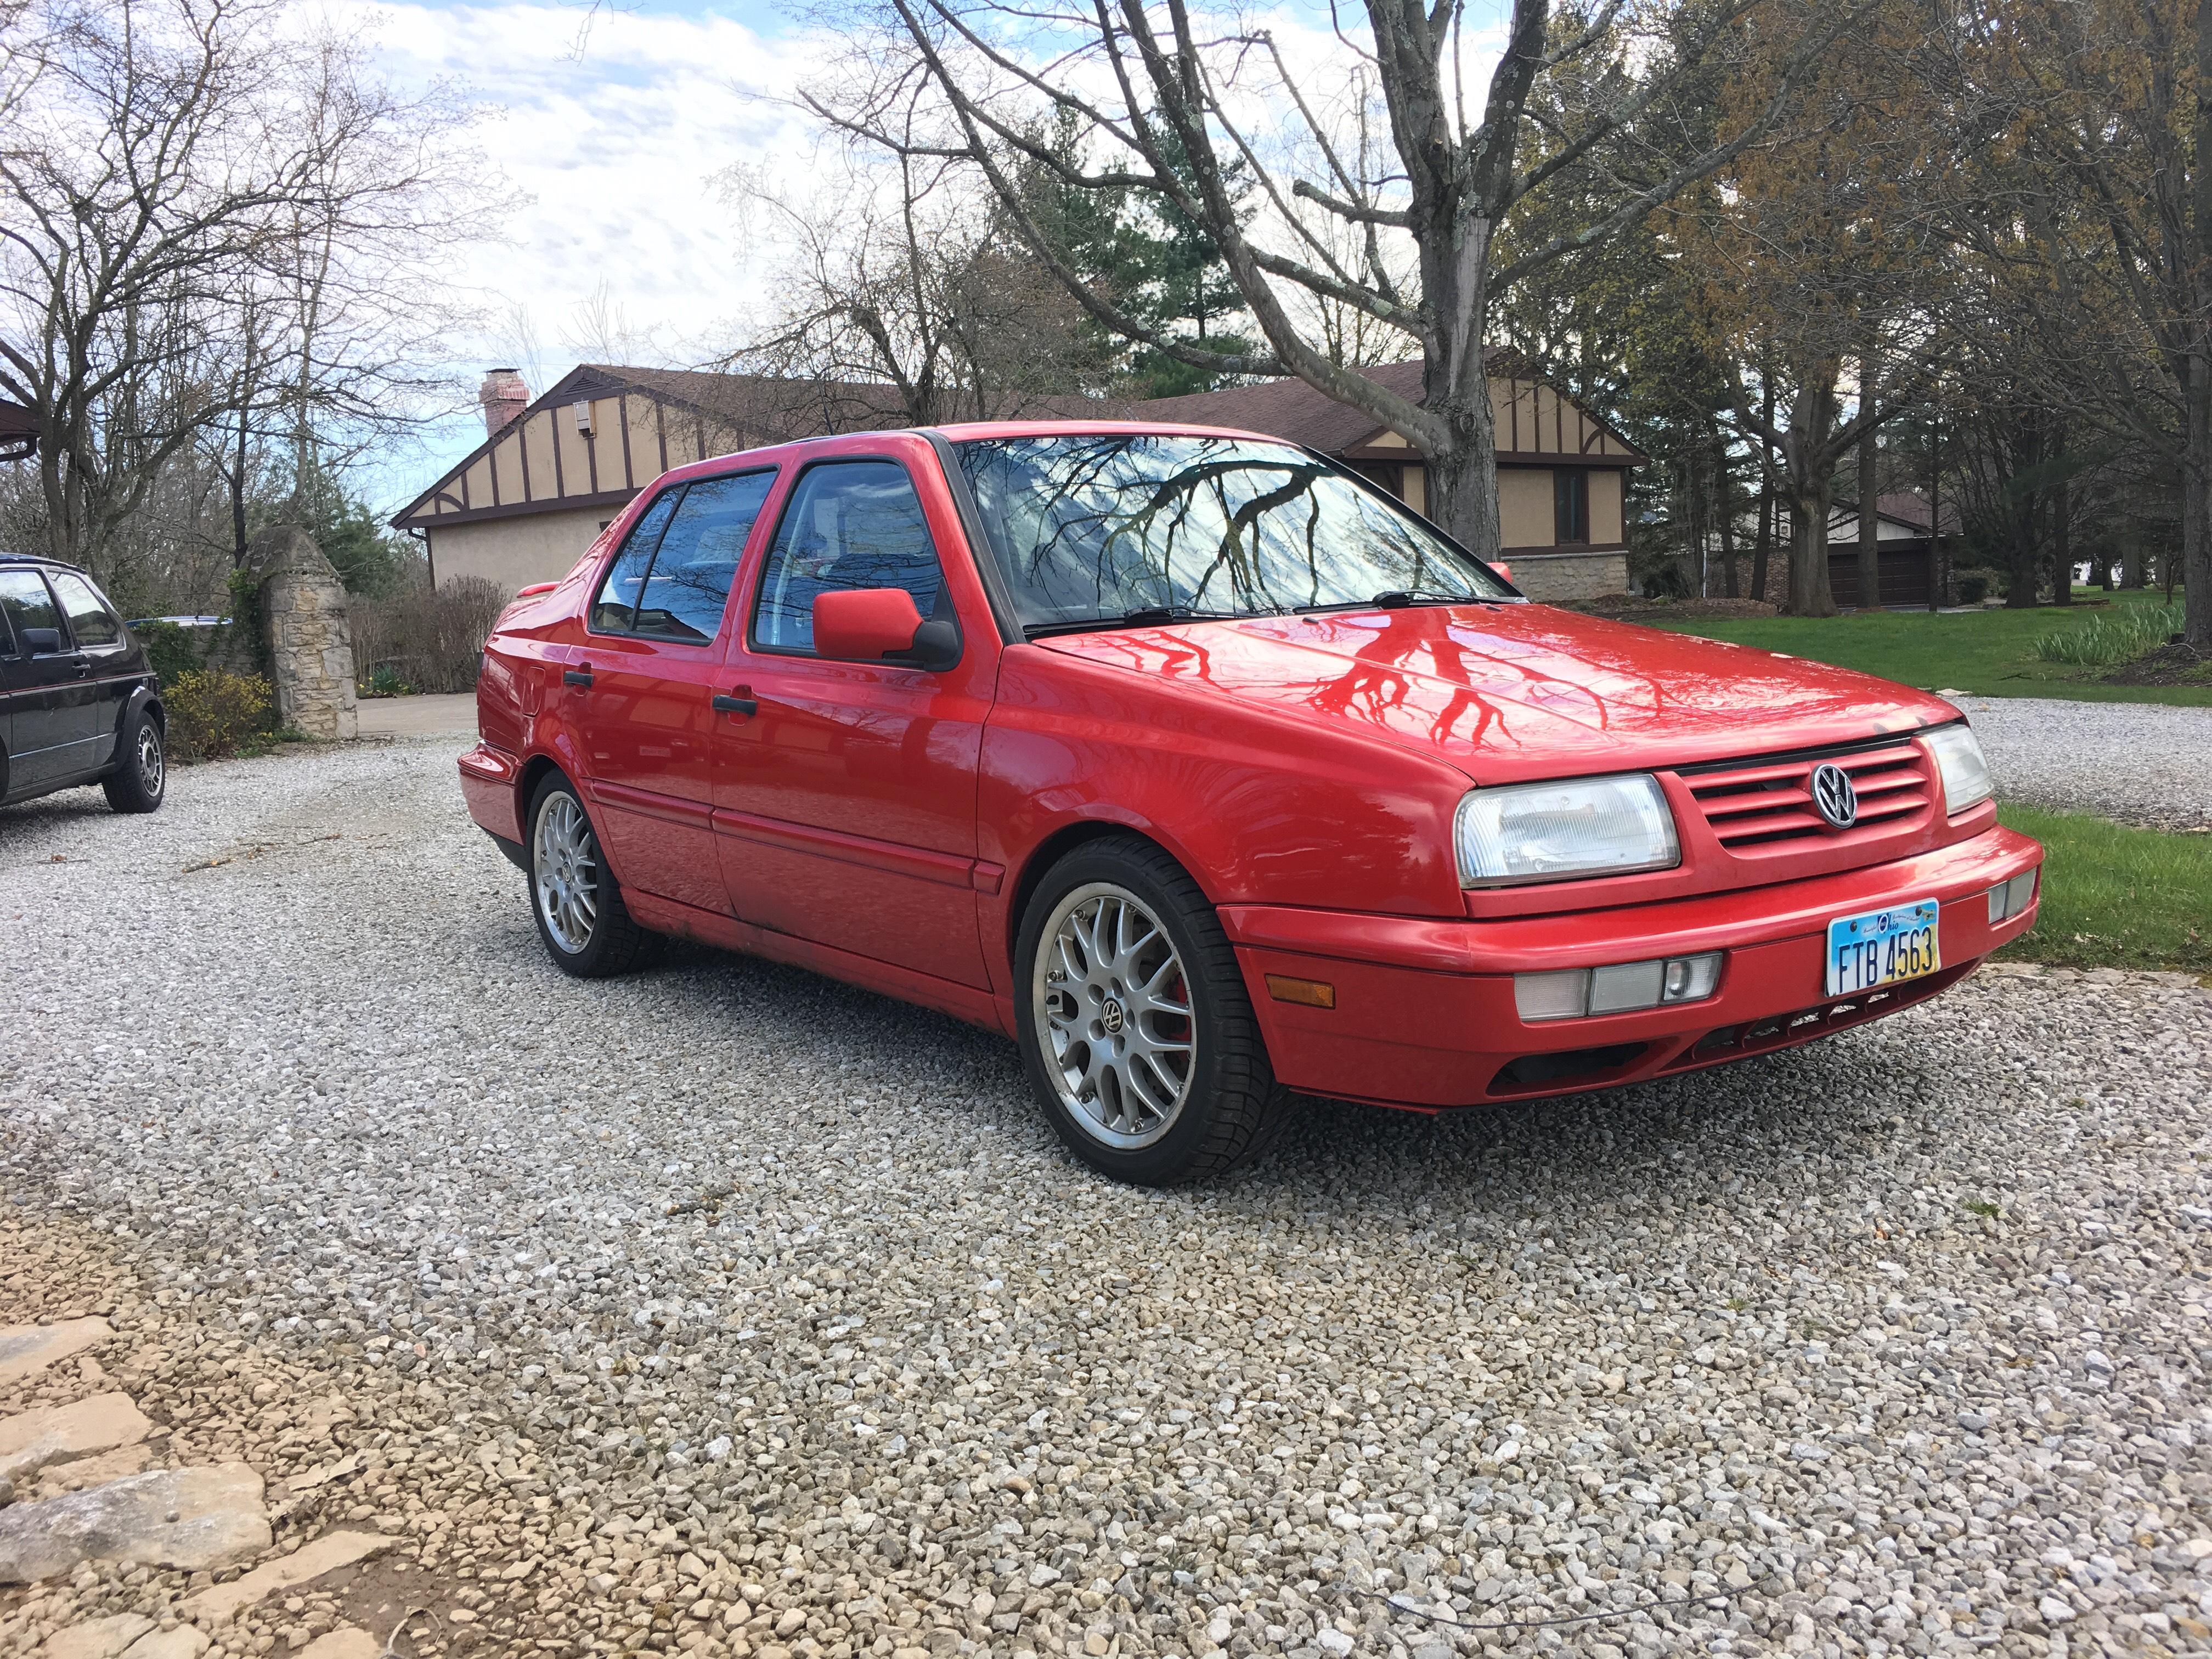 1998 volkswagen mk3 jetta glx vr6 1998 volkswagen mk3 jetta glx vr6